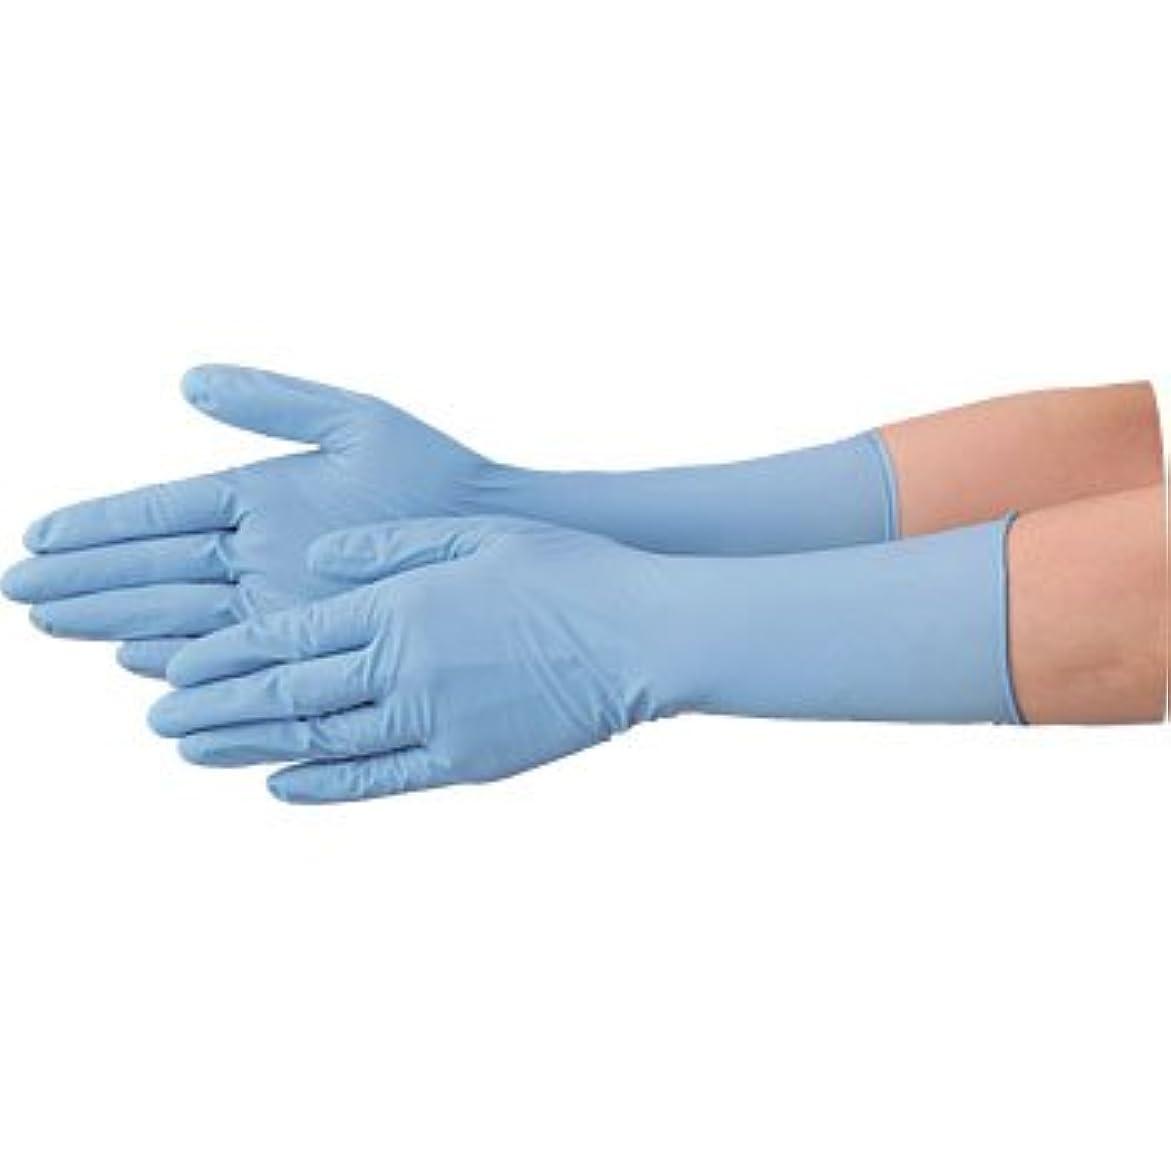 示す食い違い失う使い捨て 手袋 エブノ 528 ニトリル ロング手袋 パウダーフリー 全長29cm ブルー Lサイズ 2ケース(100枚×40箱)